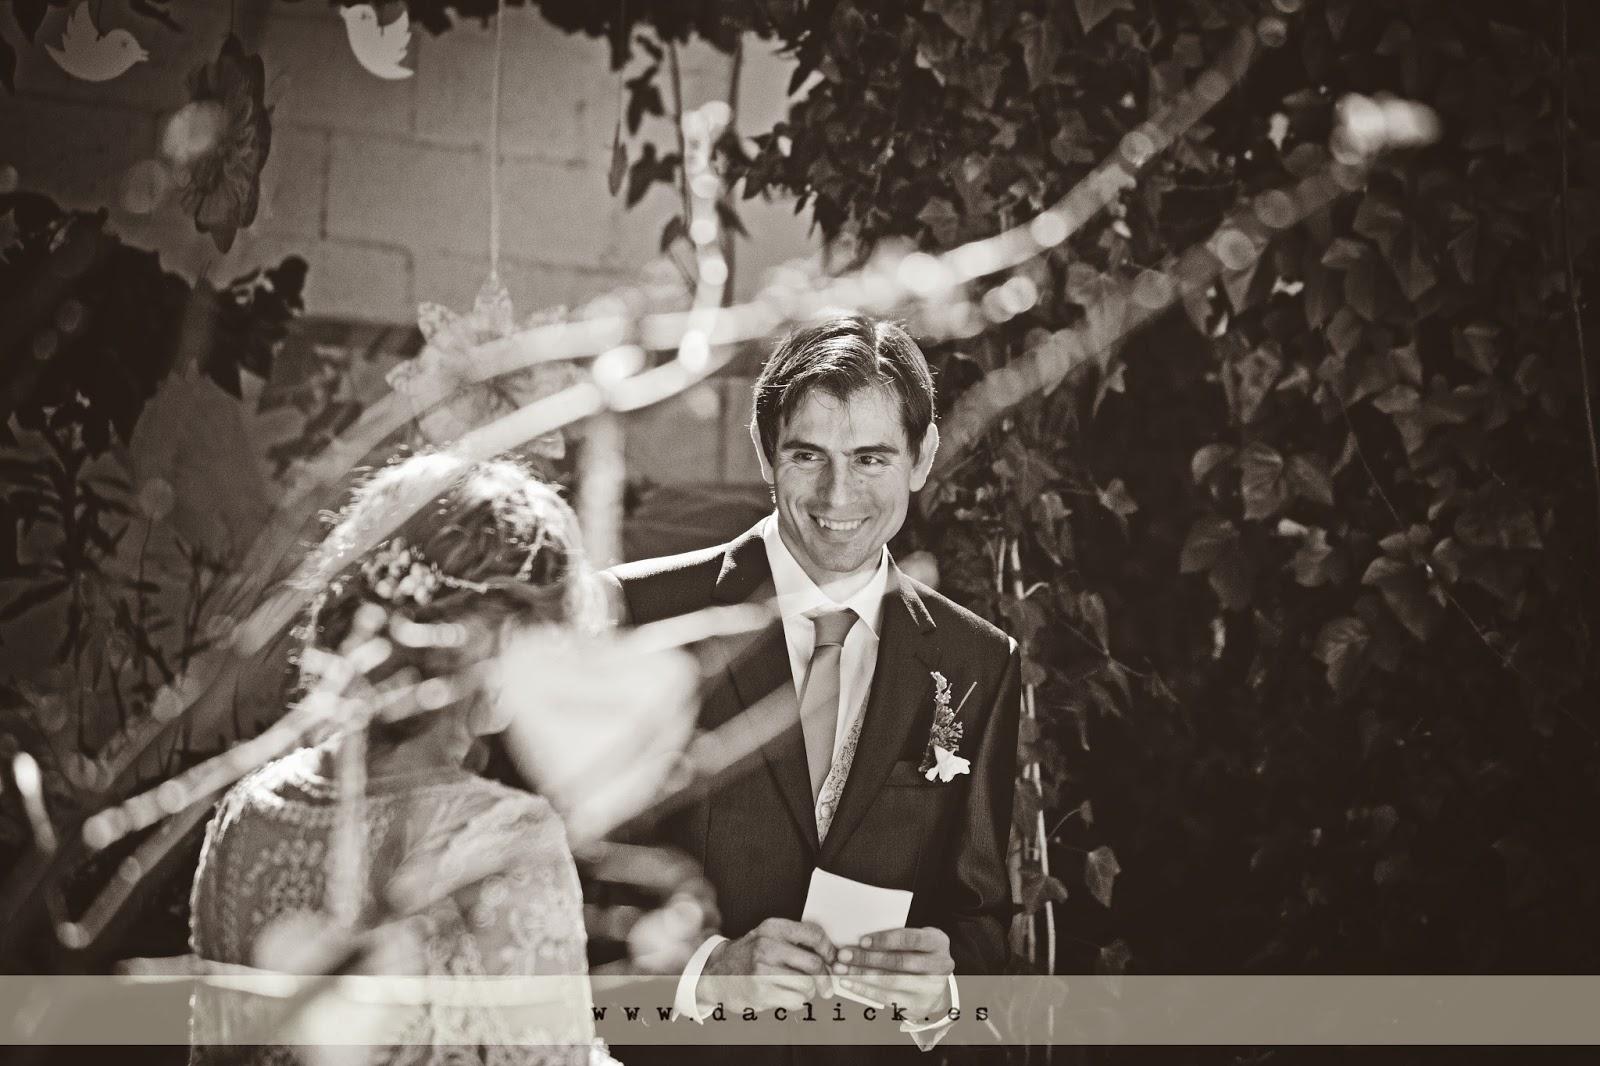 el novio le dedica unas palabra a la novia